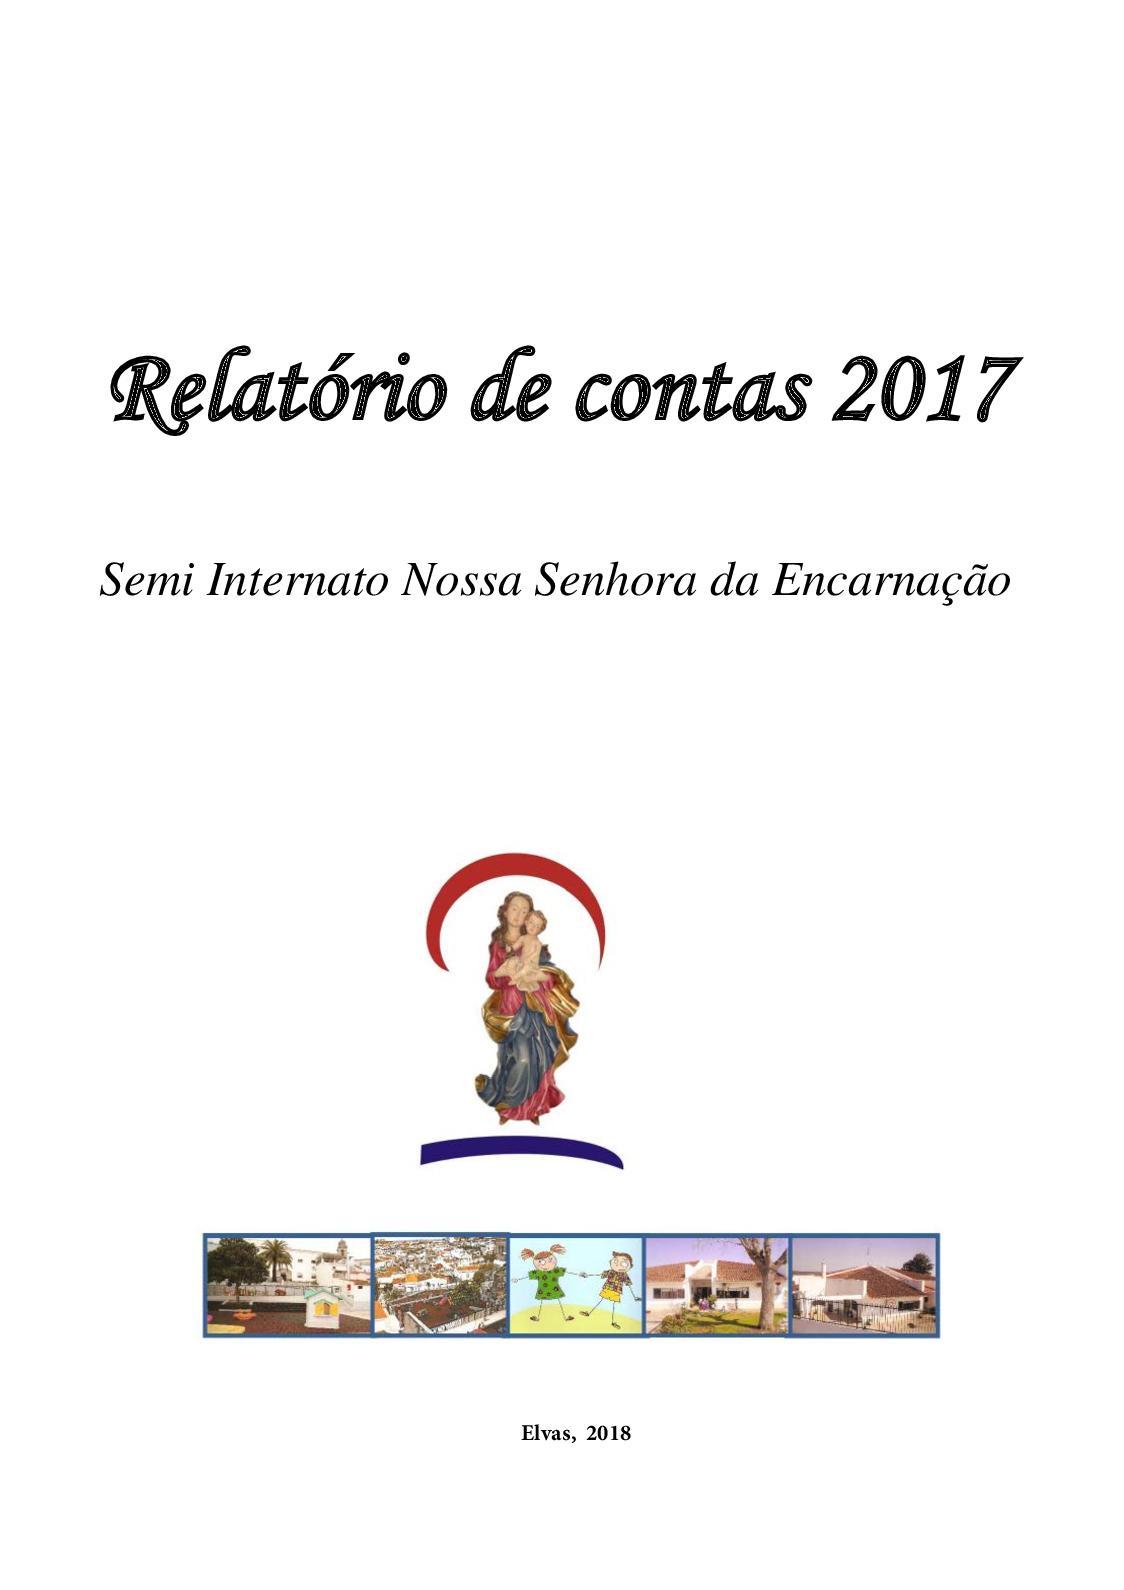 Relatorio De Contas Sinse 2017